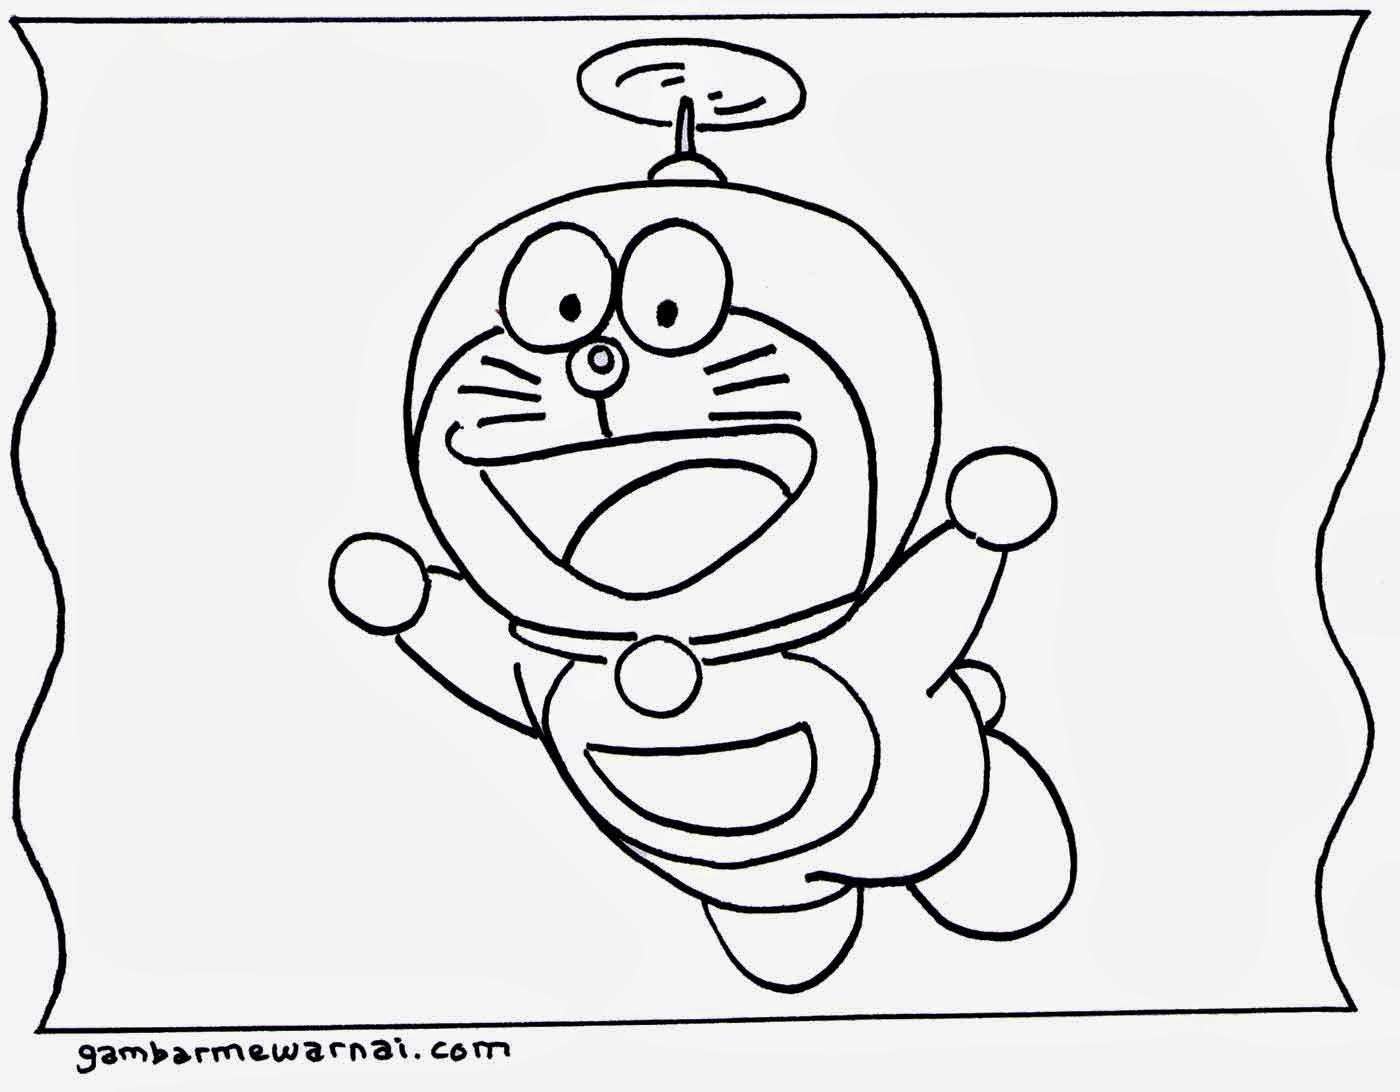 Gambar Mewarnai Tokoh Kartun Untuk Anak Anak Gambar Dan Foto